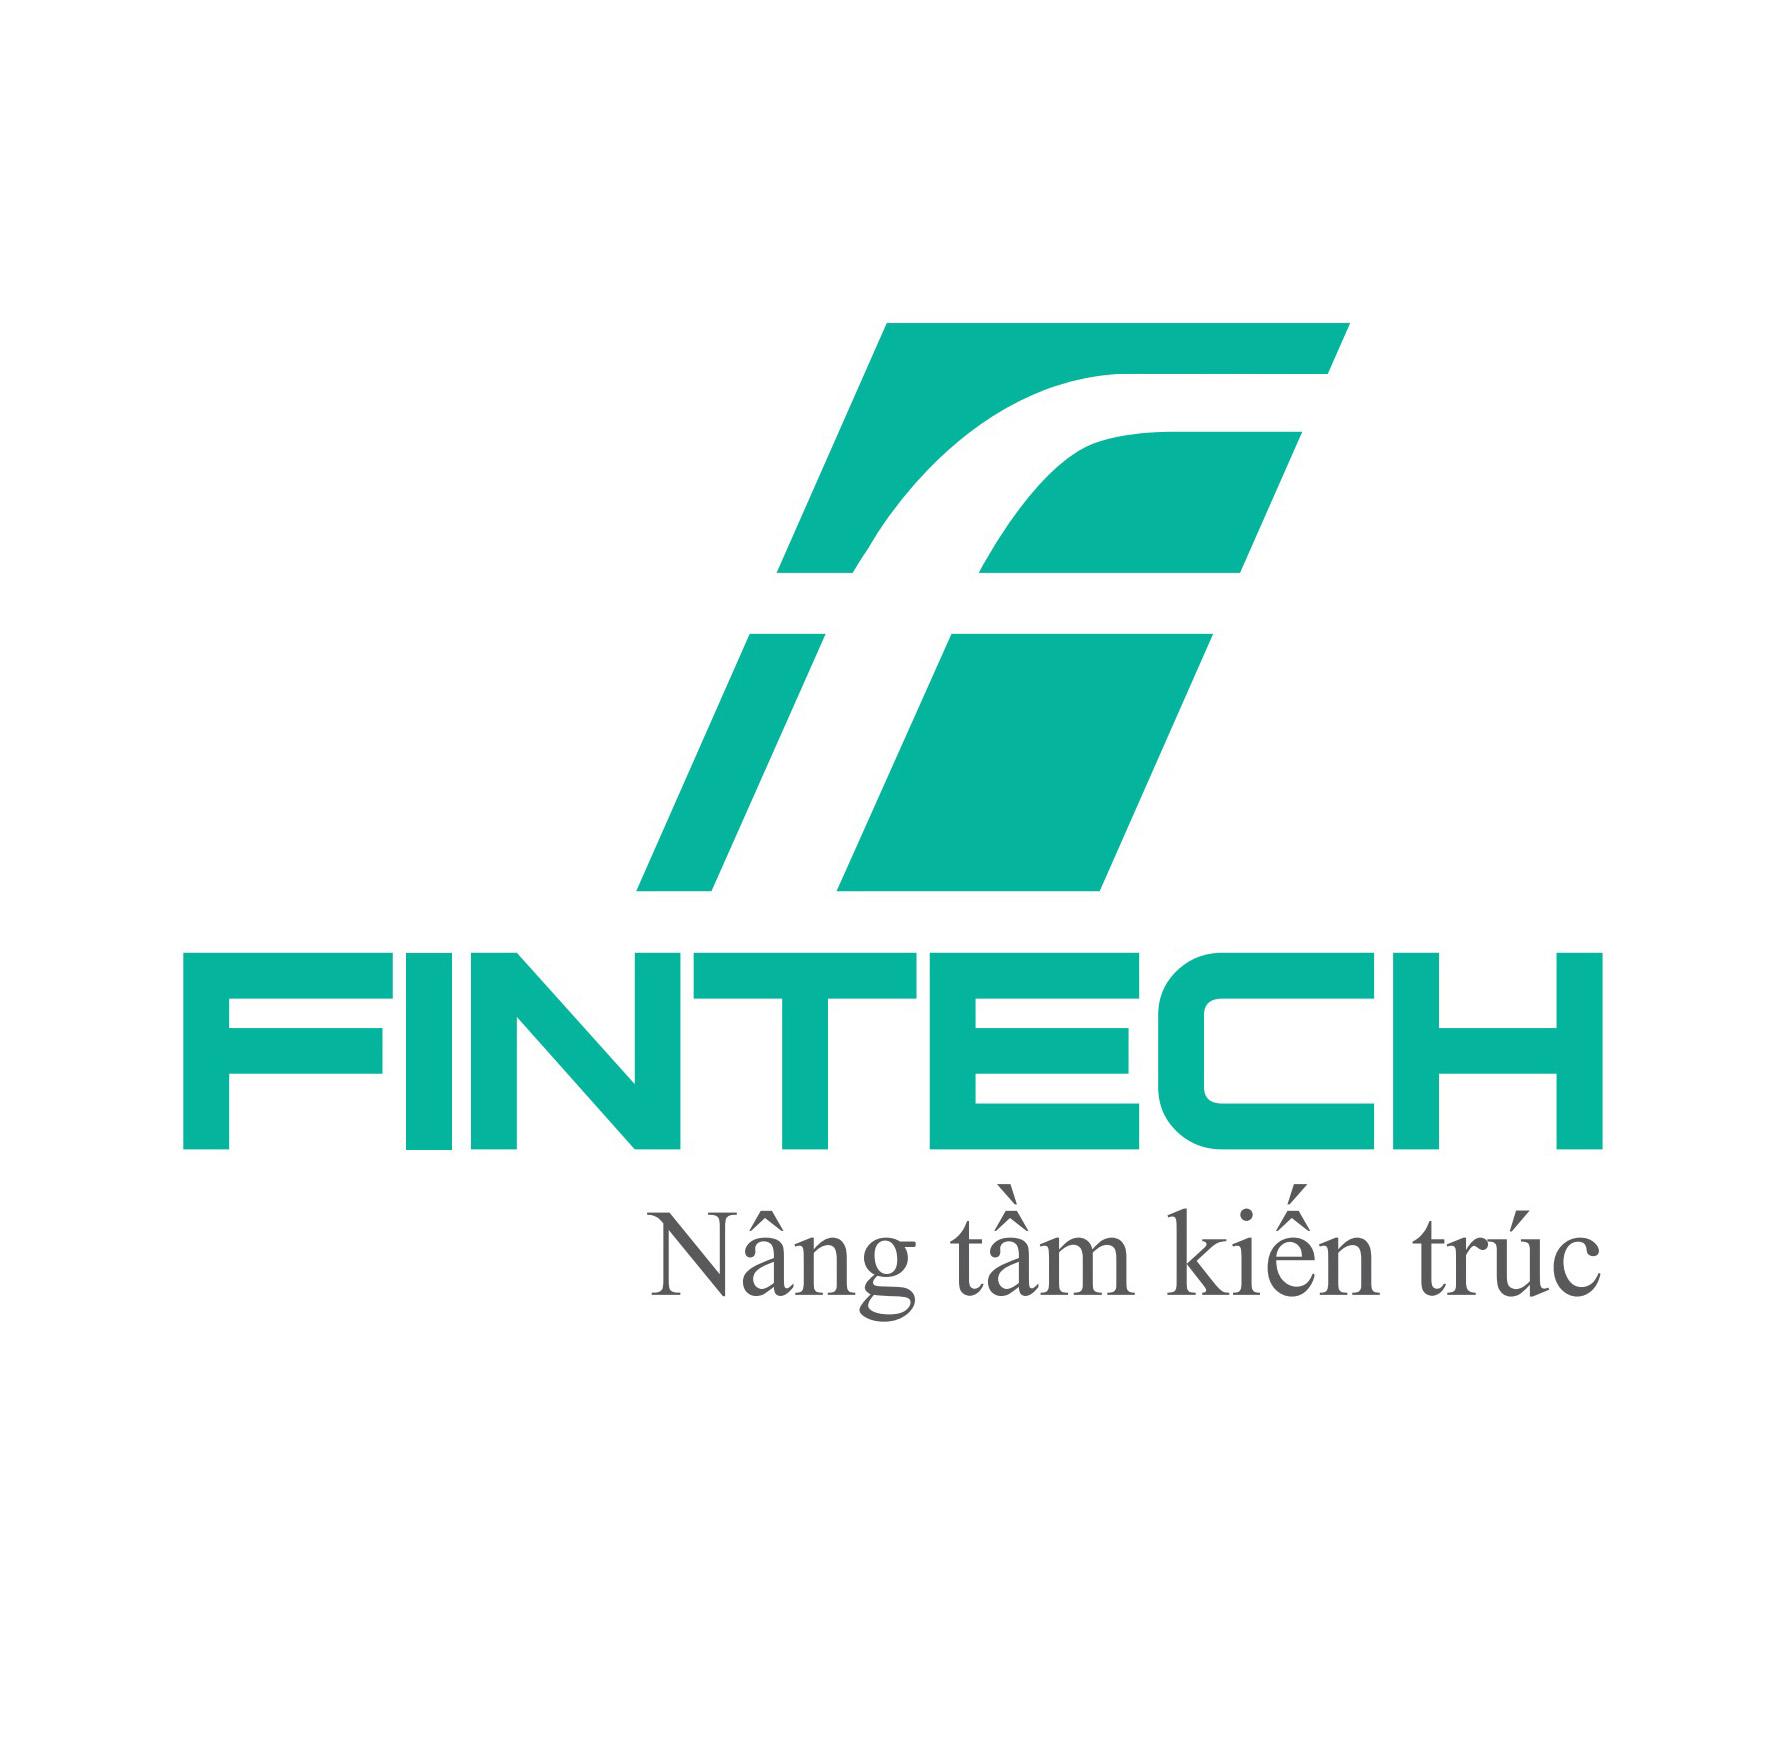 Công ty Cổ phần Đầu tư Xây Dựng Fintech